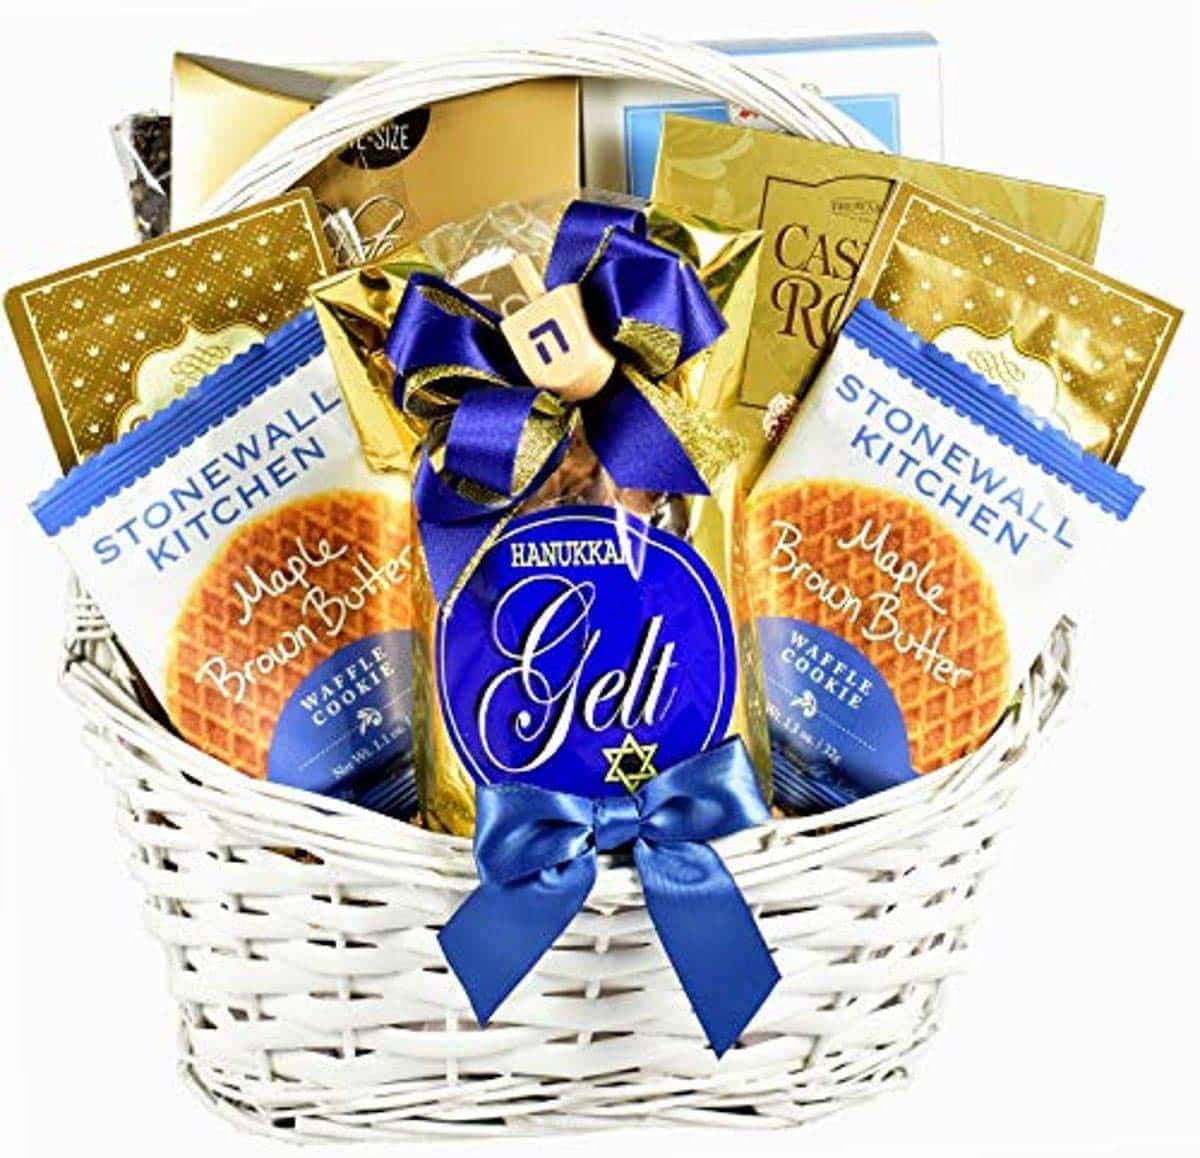 hanukkah-gifts-basket